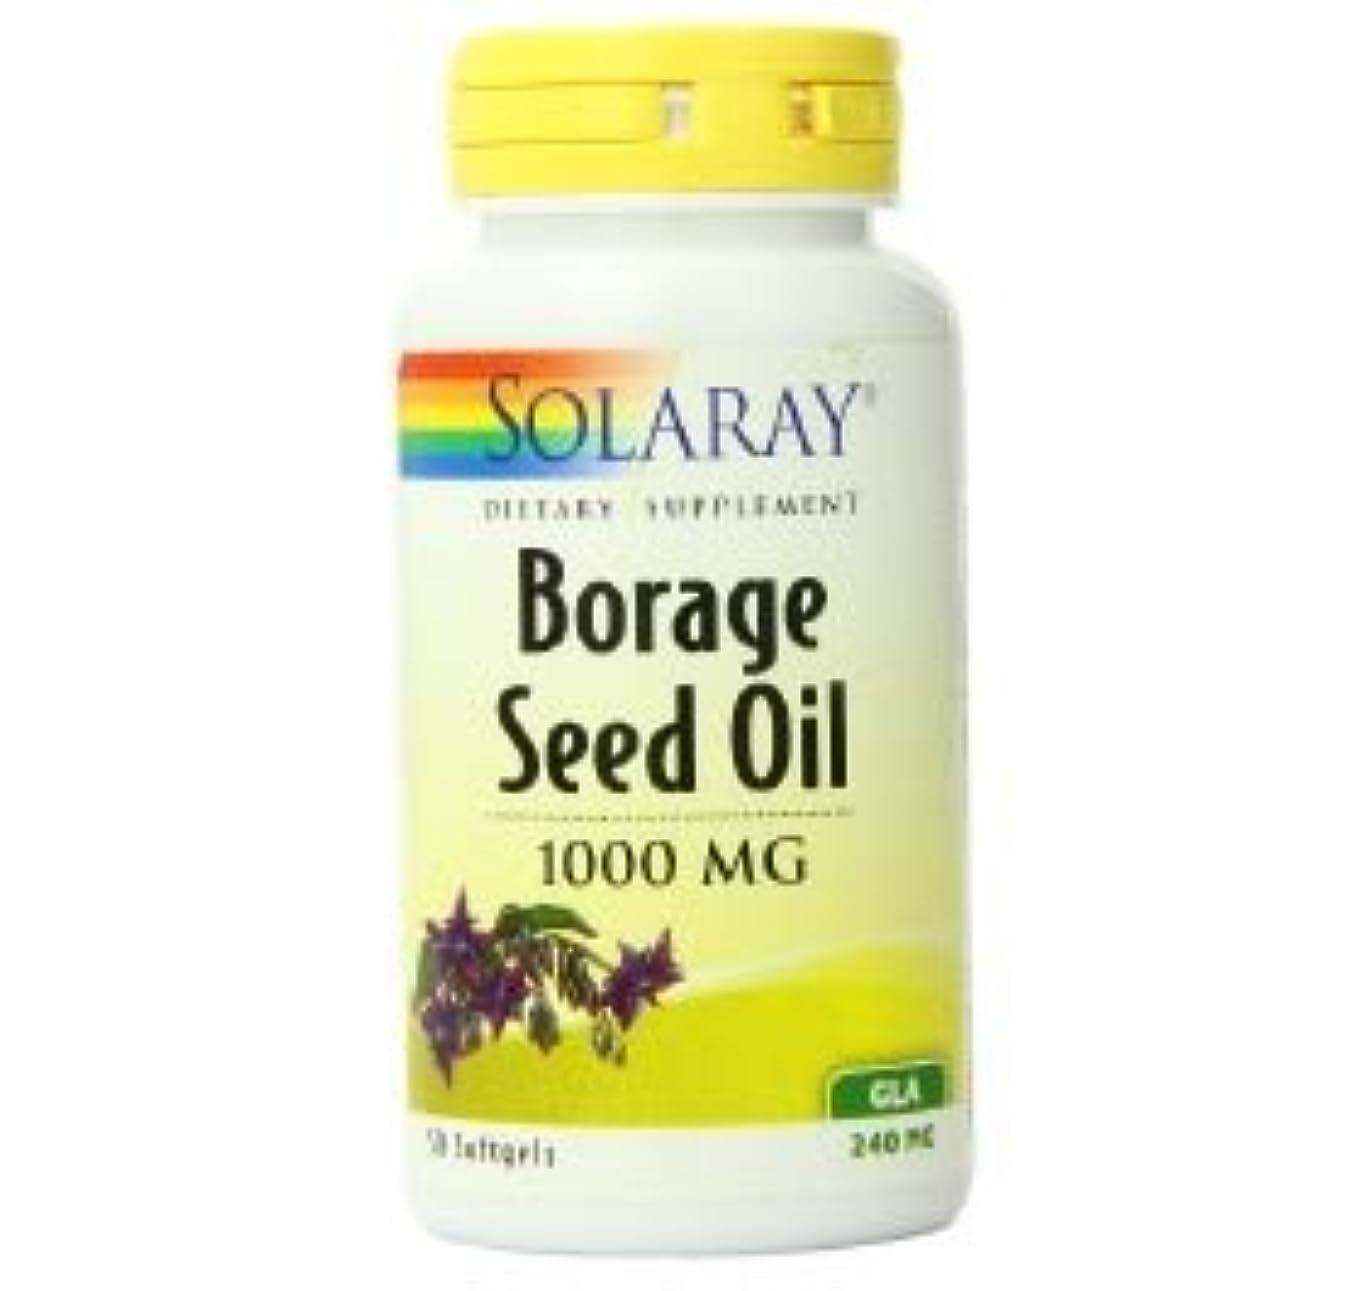 不良誠実欠かせない【海外直送品】SOLARAY - Borage seed oil - 50softgel ボラージシードオイル